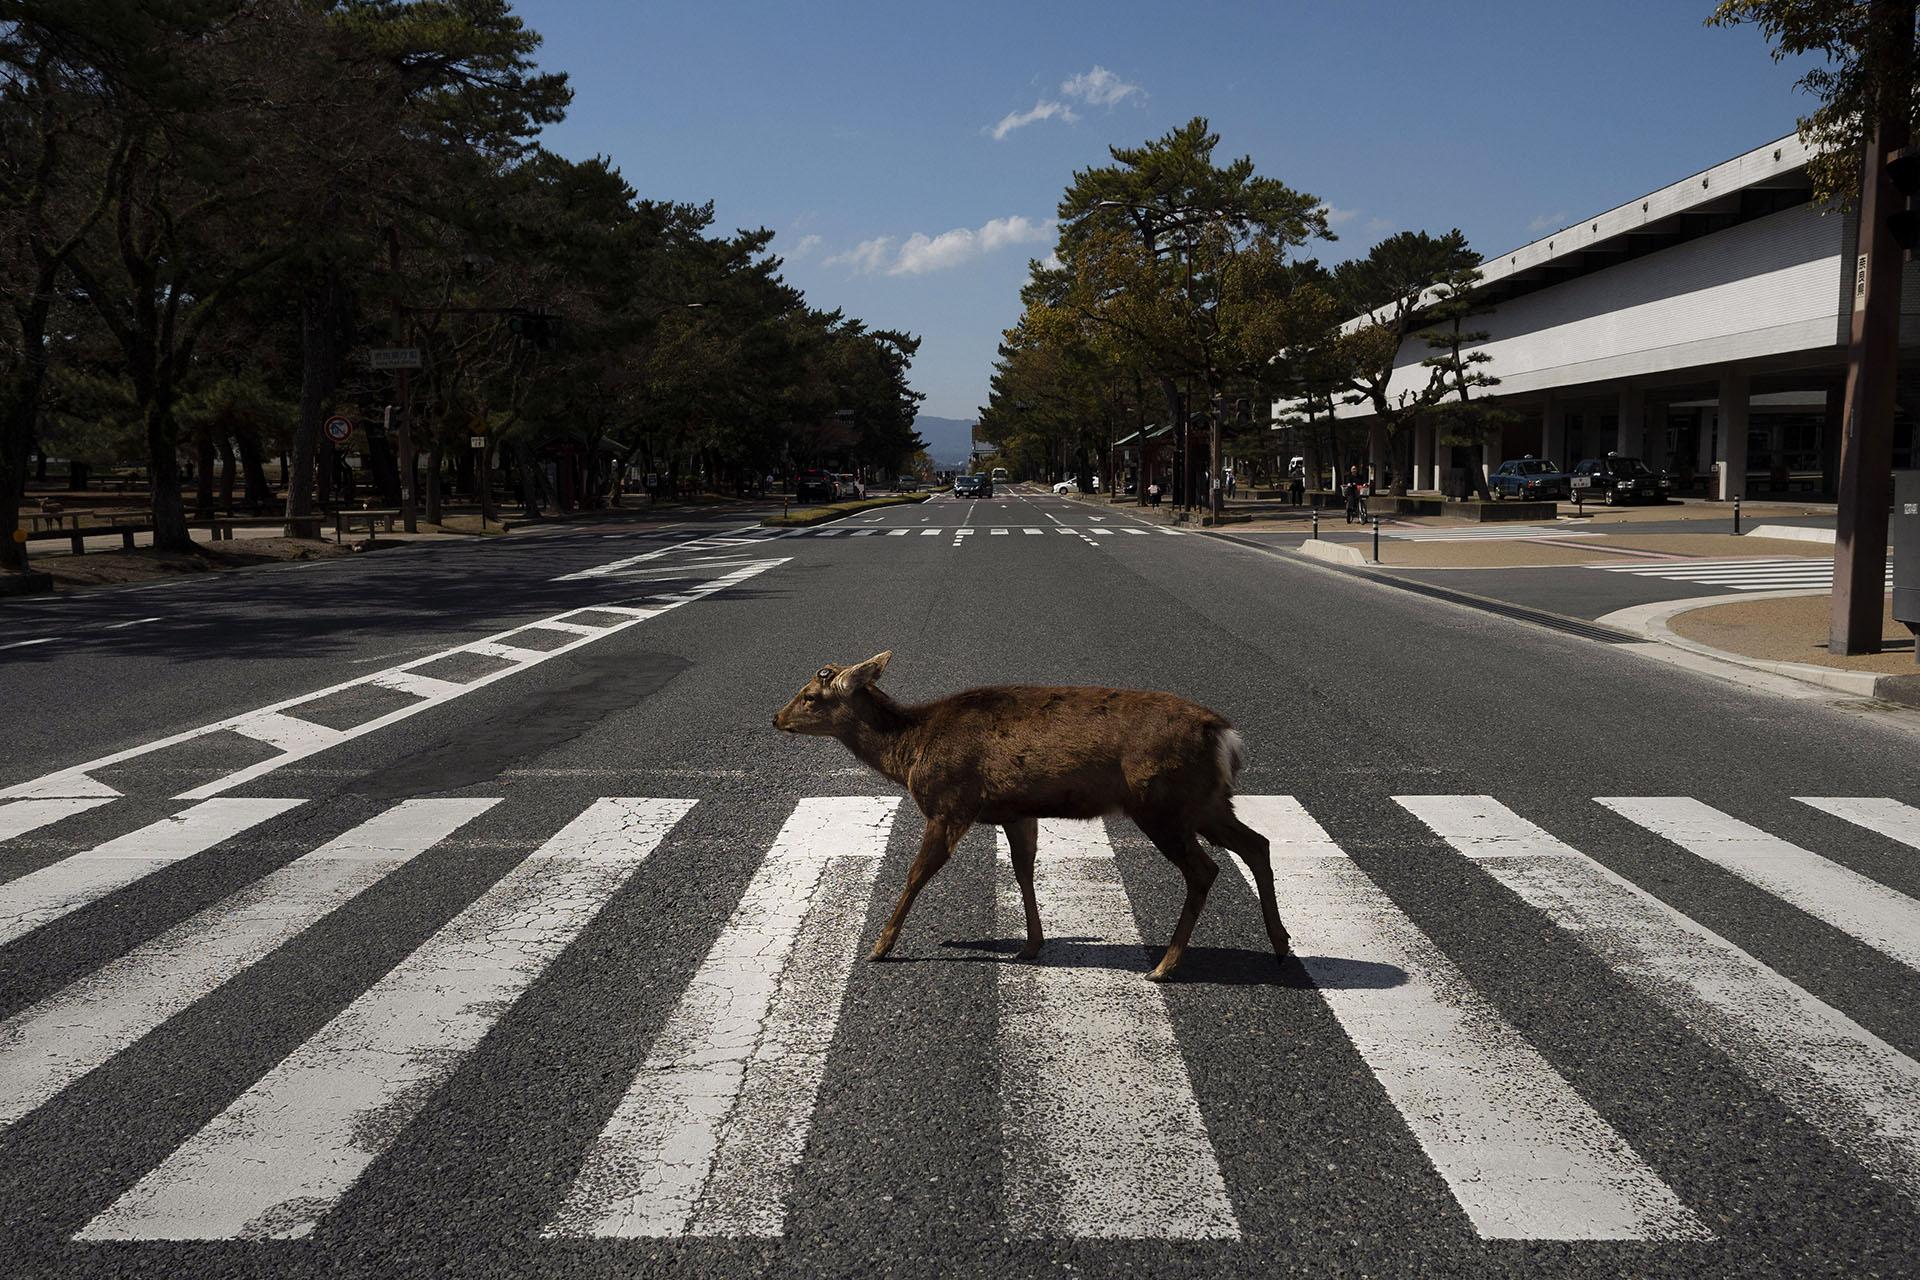 Un ciervo cruza un paso de peatones en Nara, Japón. Más de 1,000 ciervos deambulan libres en la antigua capital de Japón. A pesar de la disminución del turismo en la ciudad, estos animales salvajes están bien sin golosinas de los turistas, según un grupo de protección de venados (Foto AP / Jae C. Hong)